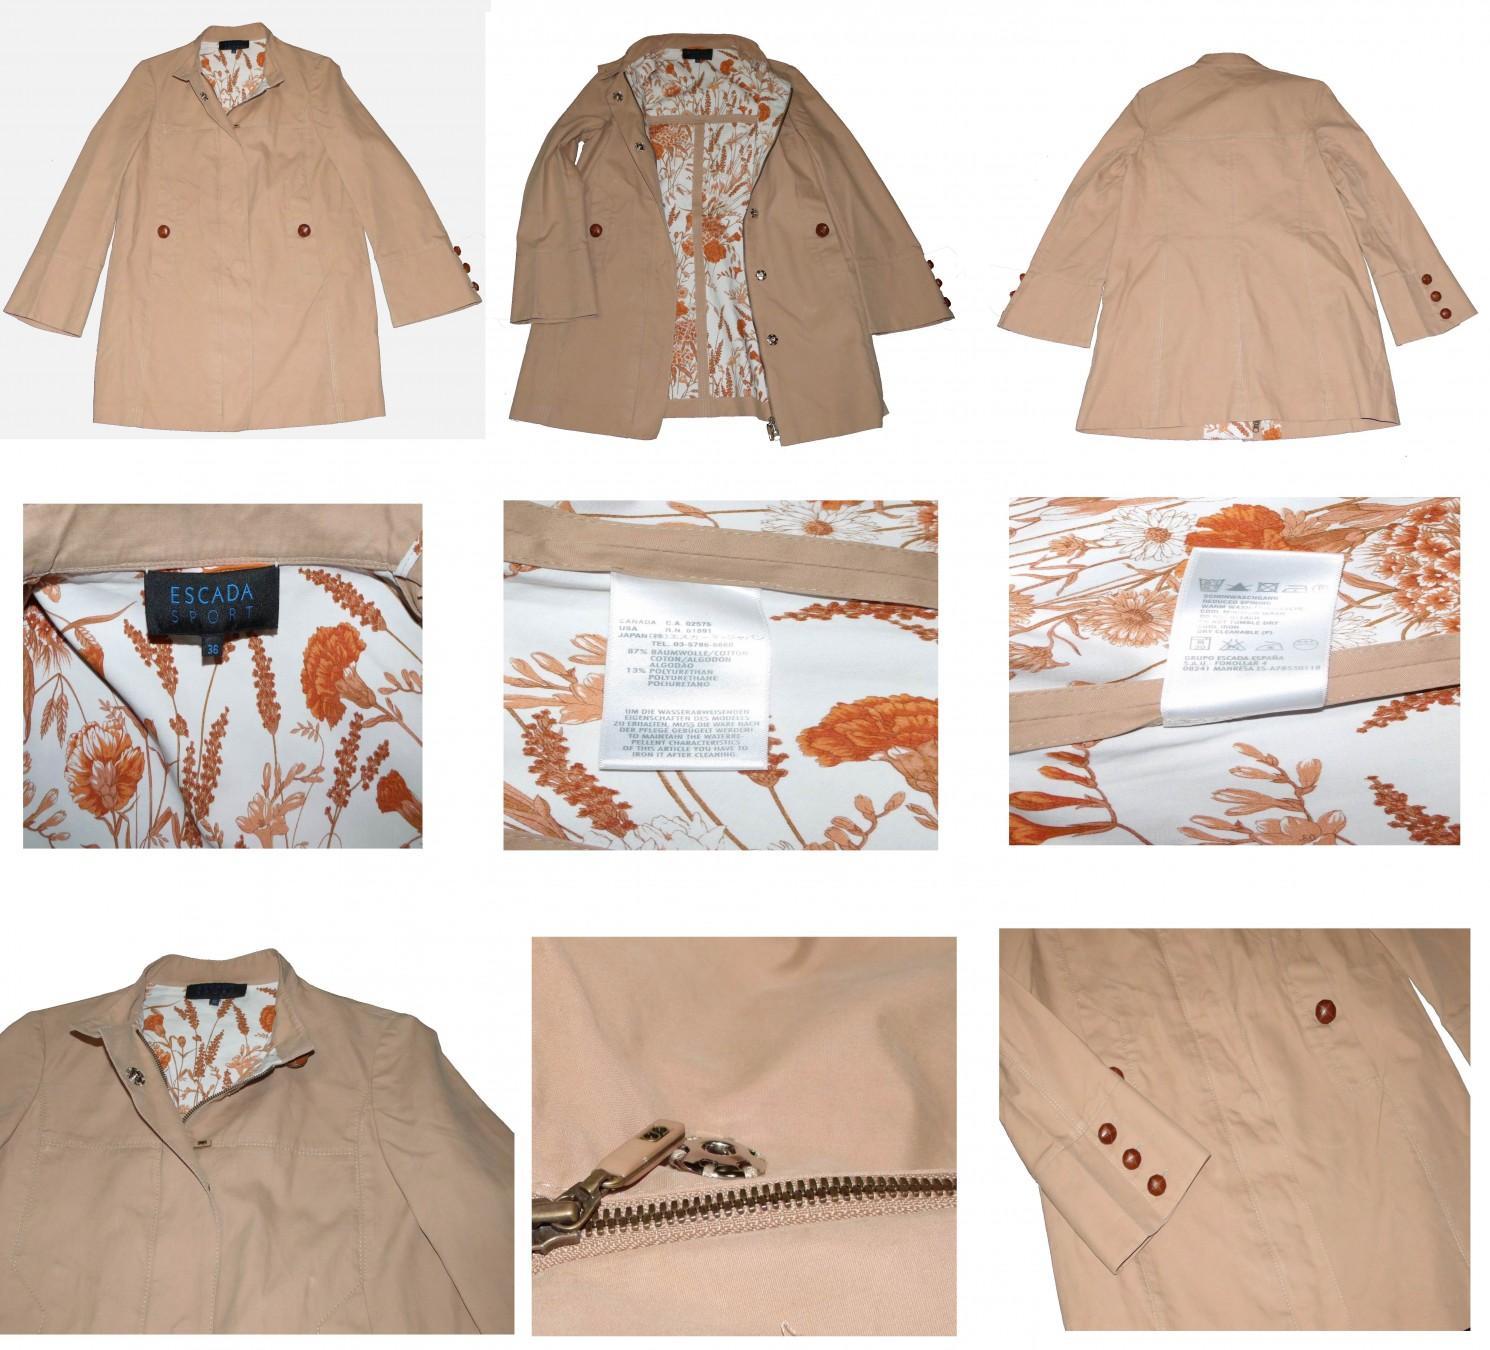 Escada Chic roztomilý kabátik UNI veľkosť - Obrázok č. 2